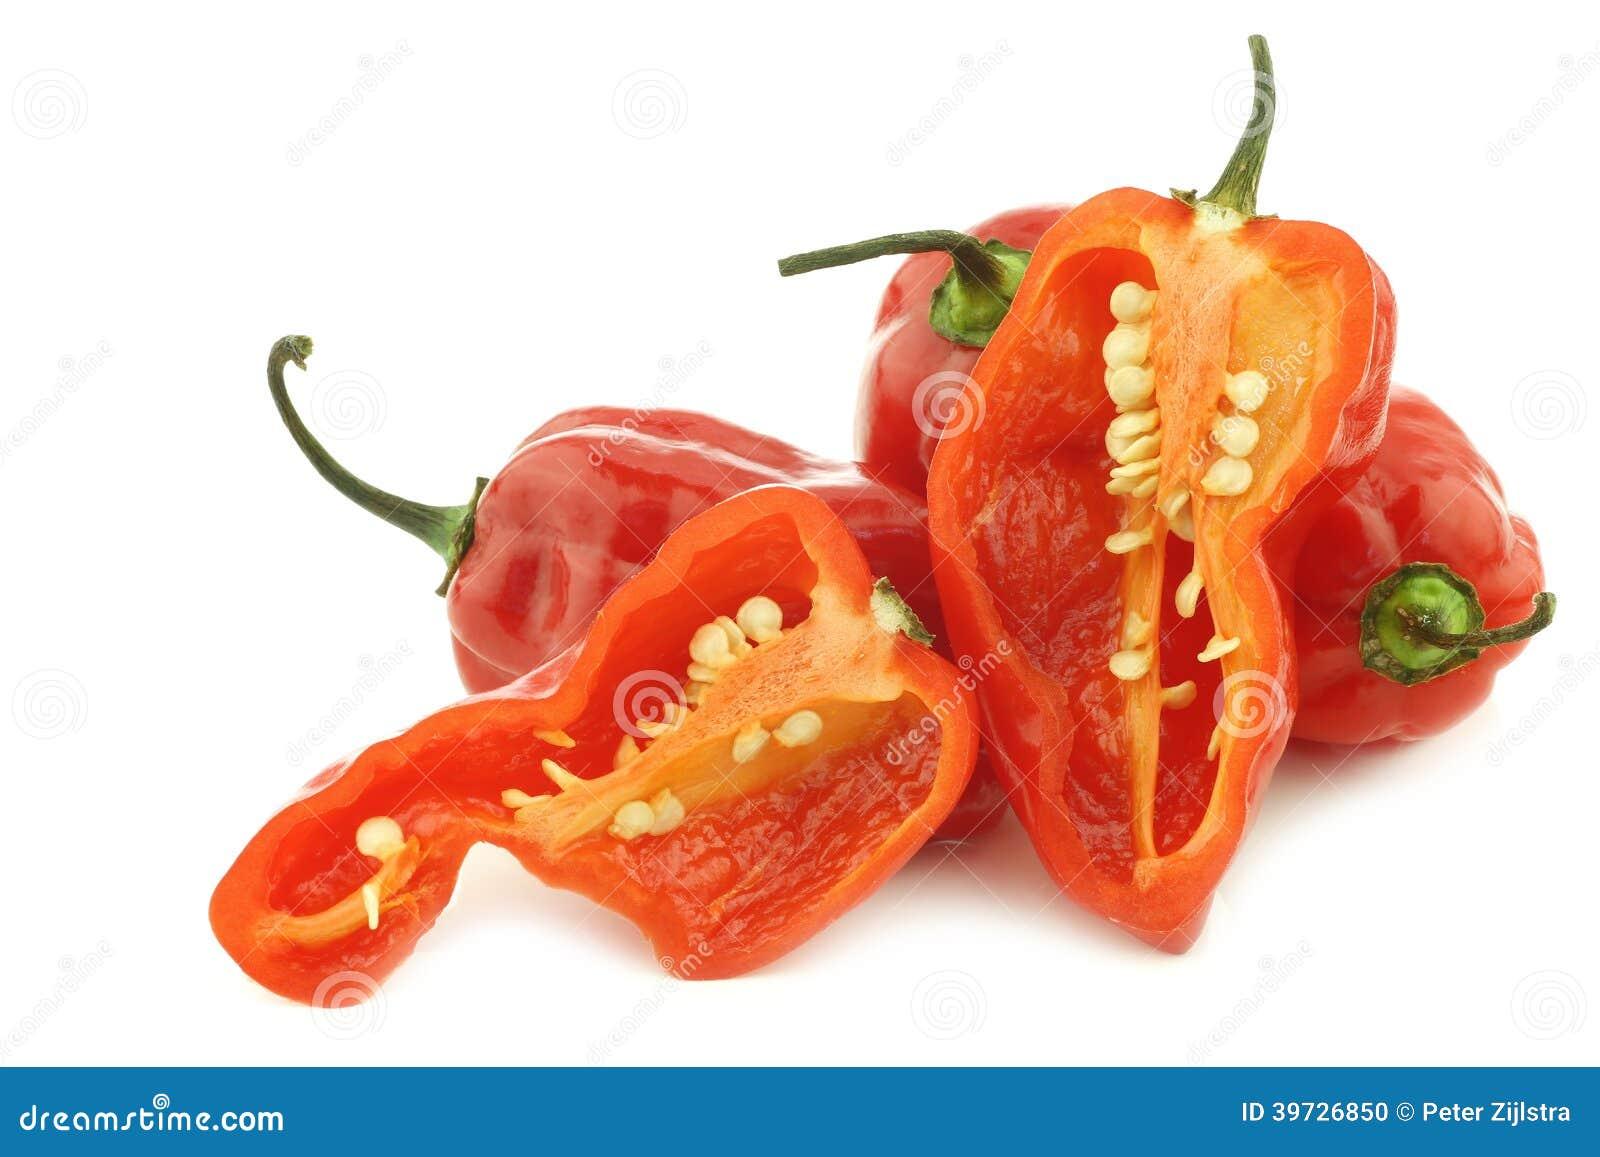 how to cut a pepper video